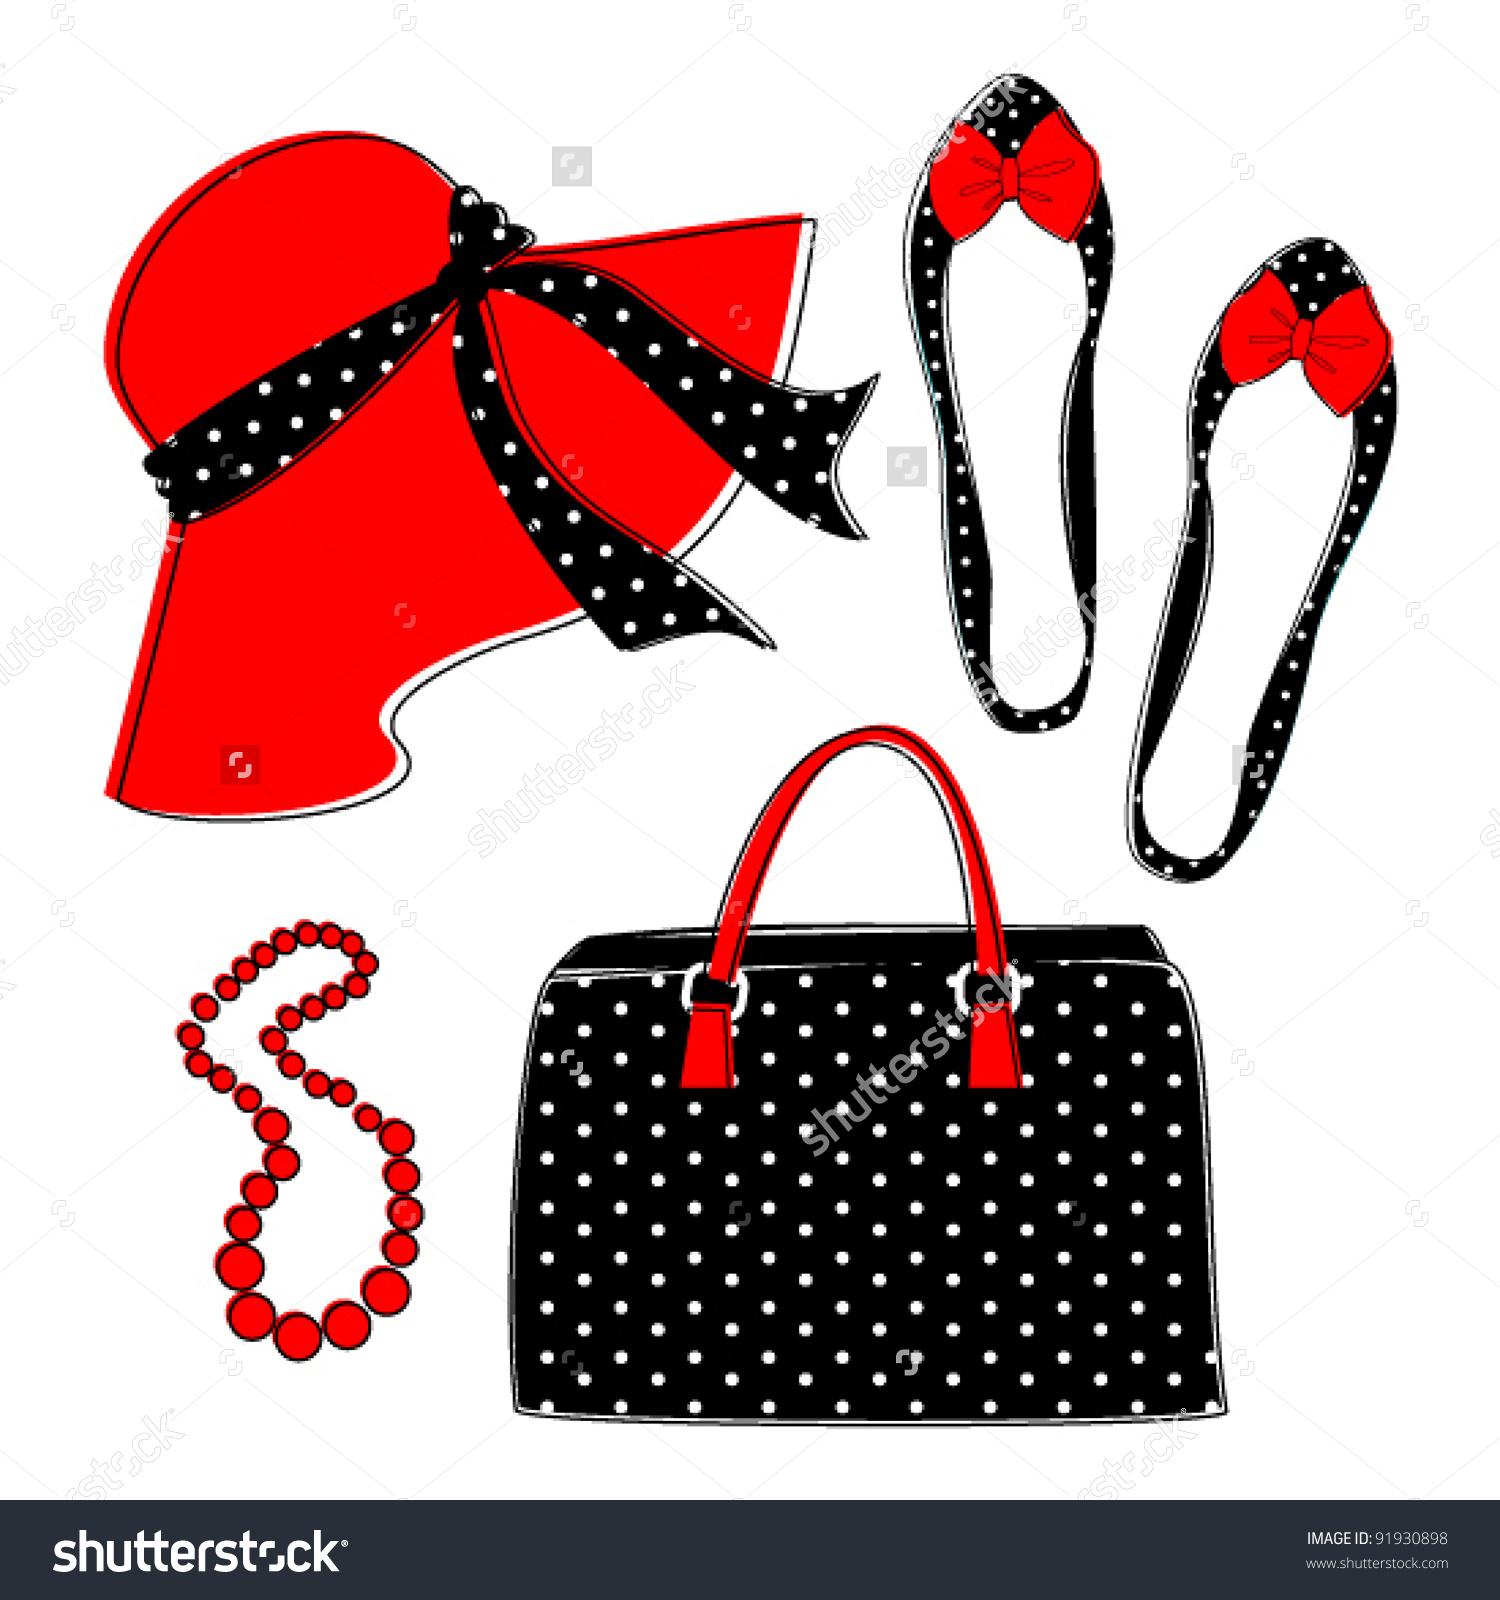 Fashion Accessories Clipart.